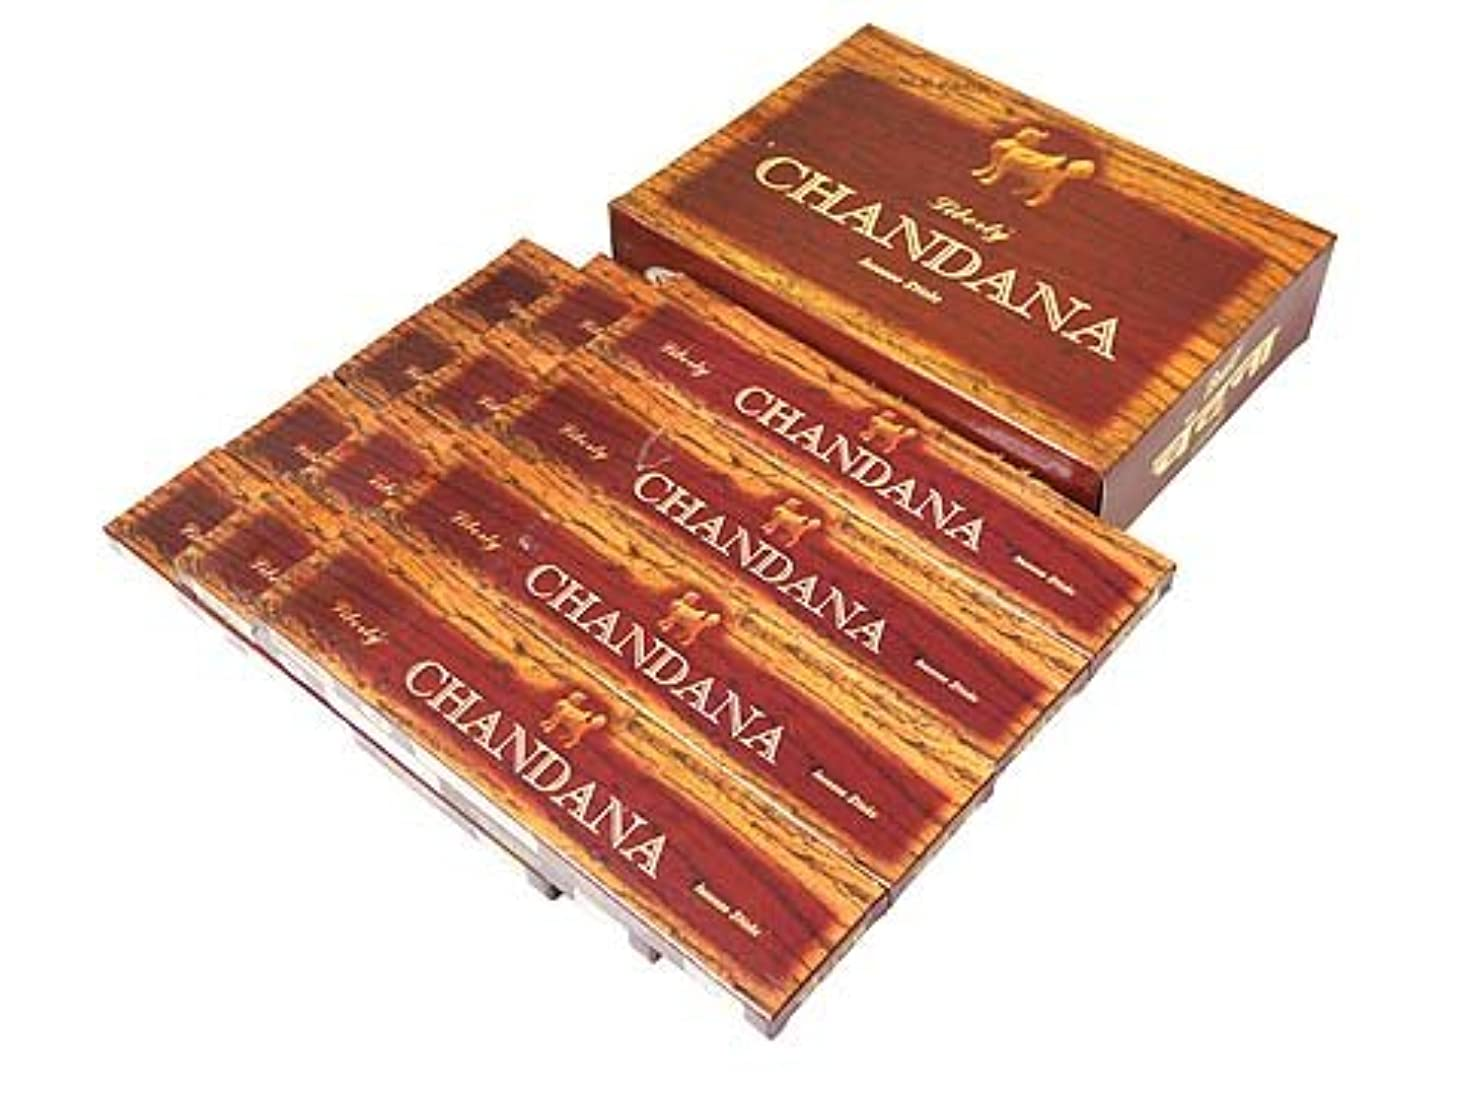 すずめアデレード韻LIBERTY'S(リバティーズ) チャンダナ香 スティック CHANDANA 12箱セット